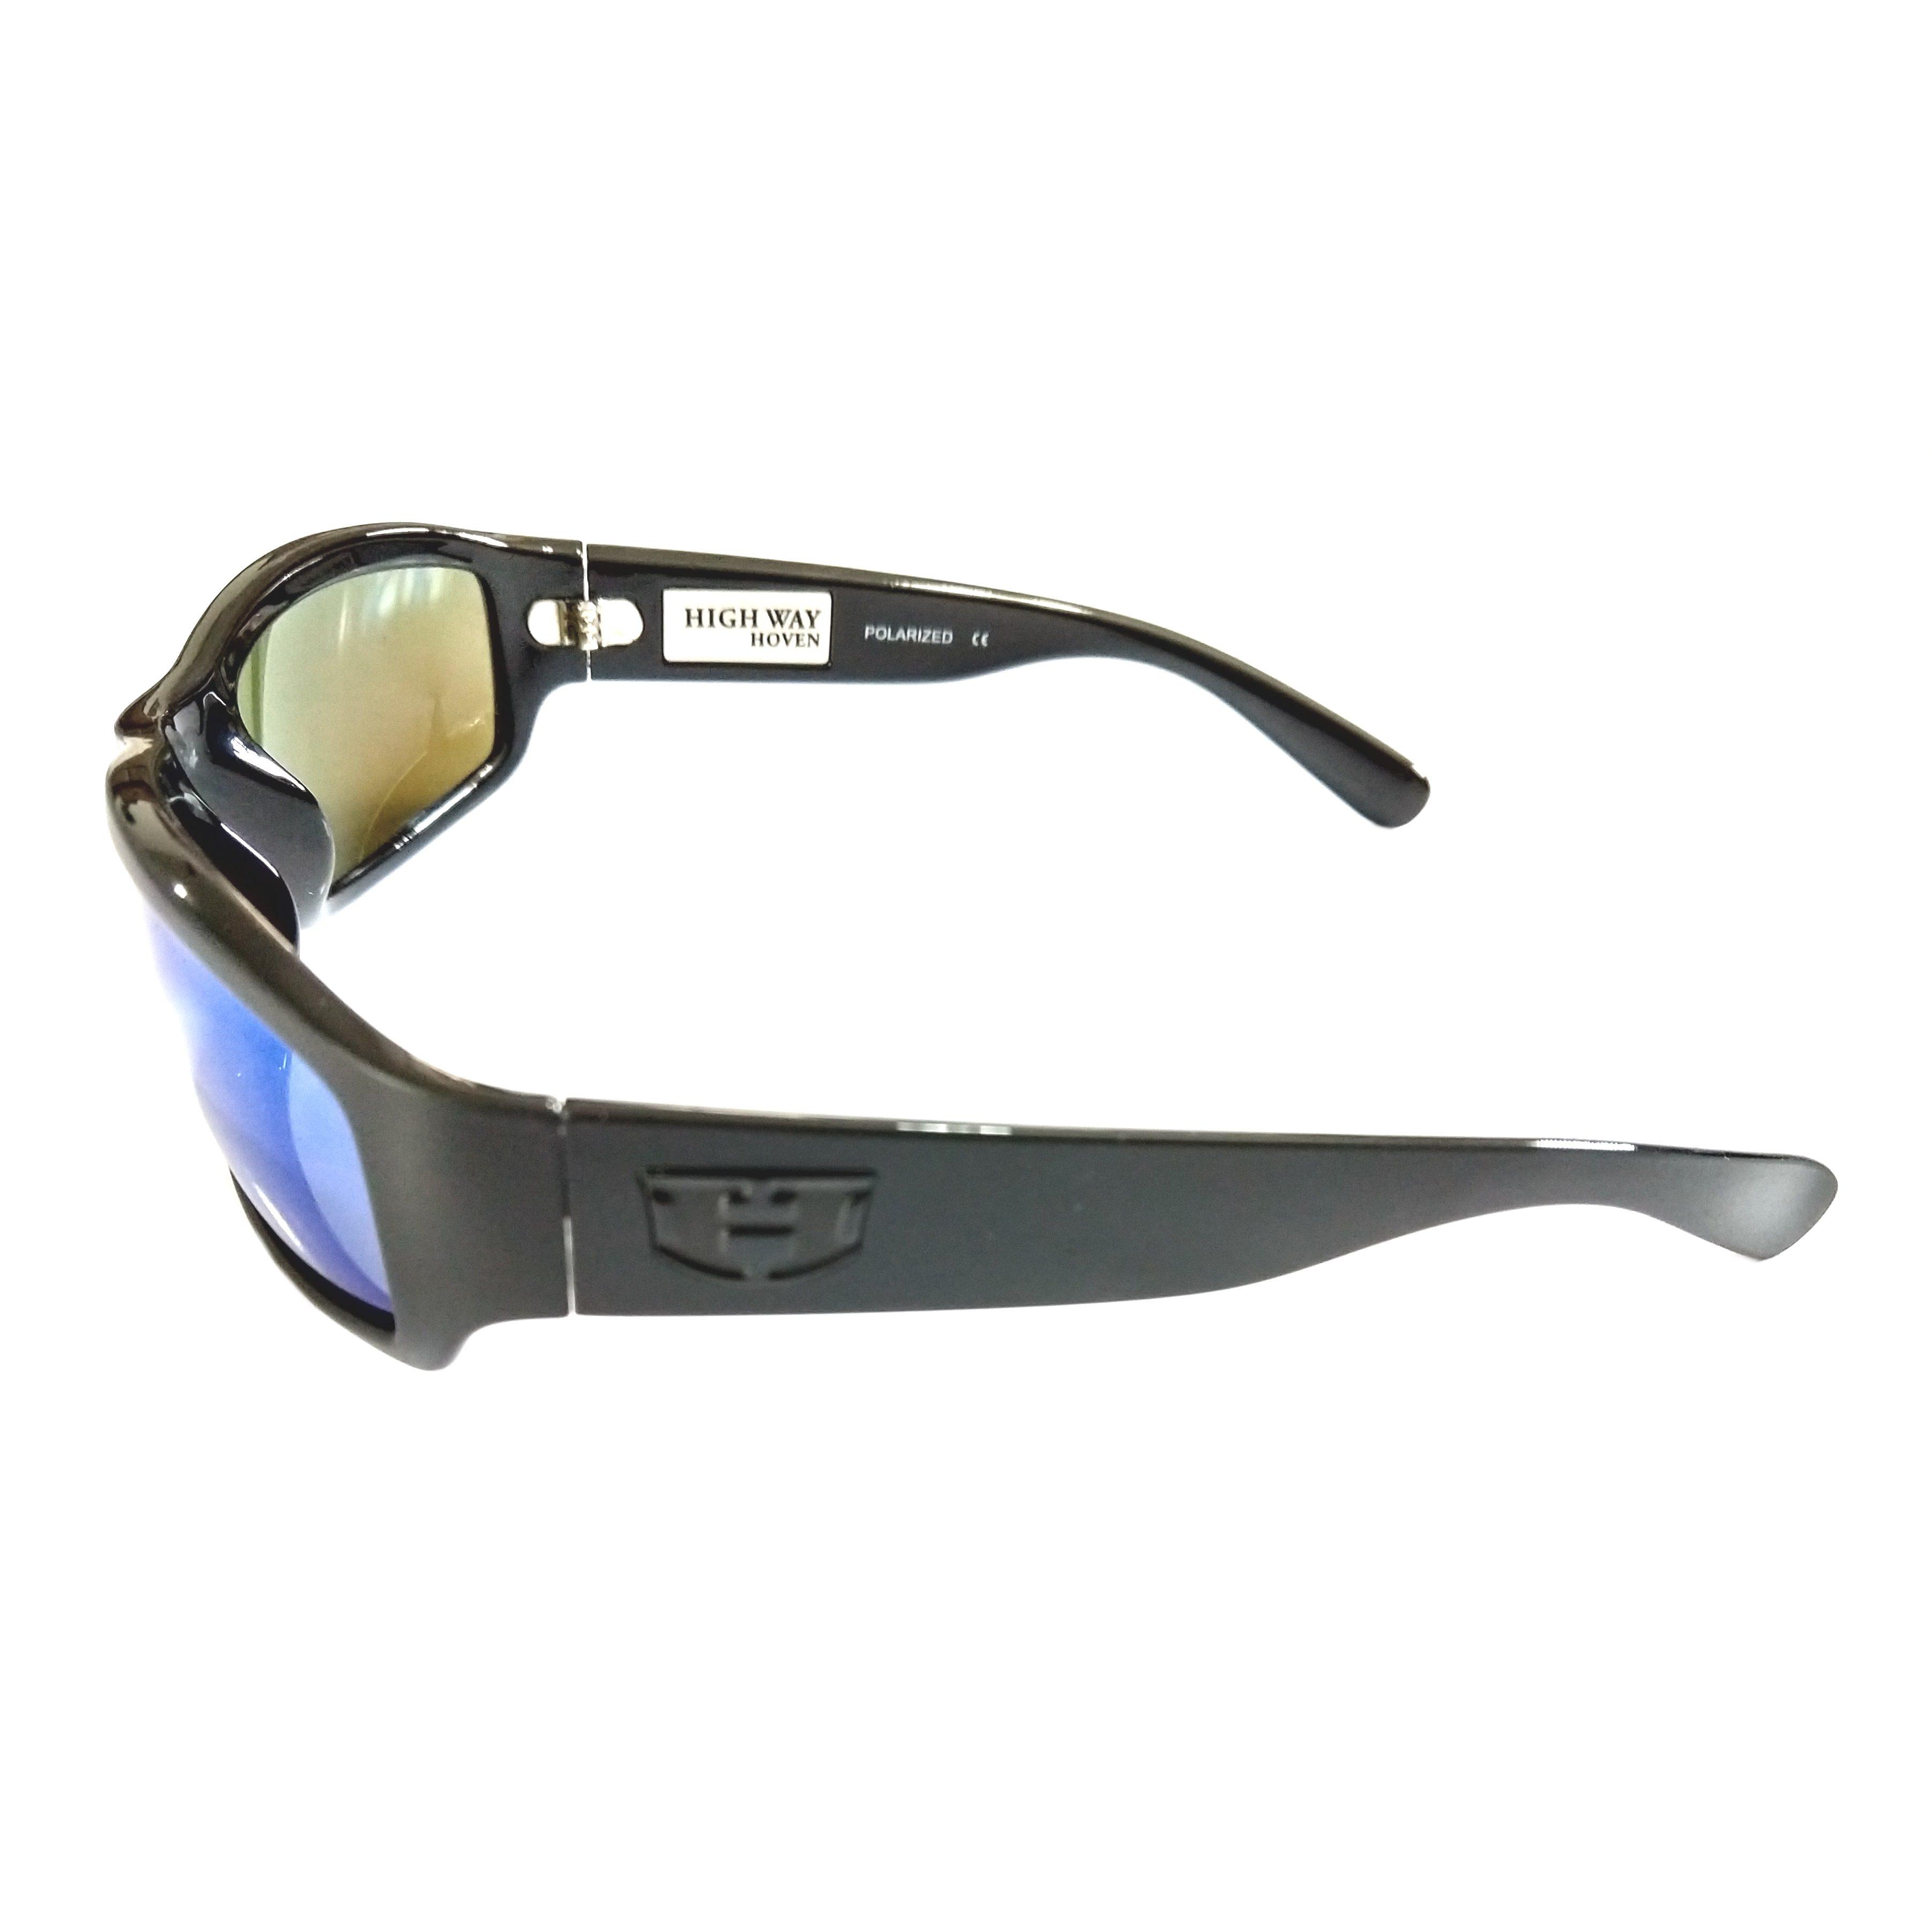 b019c172f1 Hoven Vision Highway Sunglasses – ANSI Compliant – Matte Black Frame ...